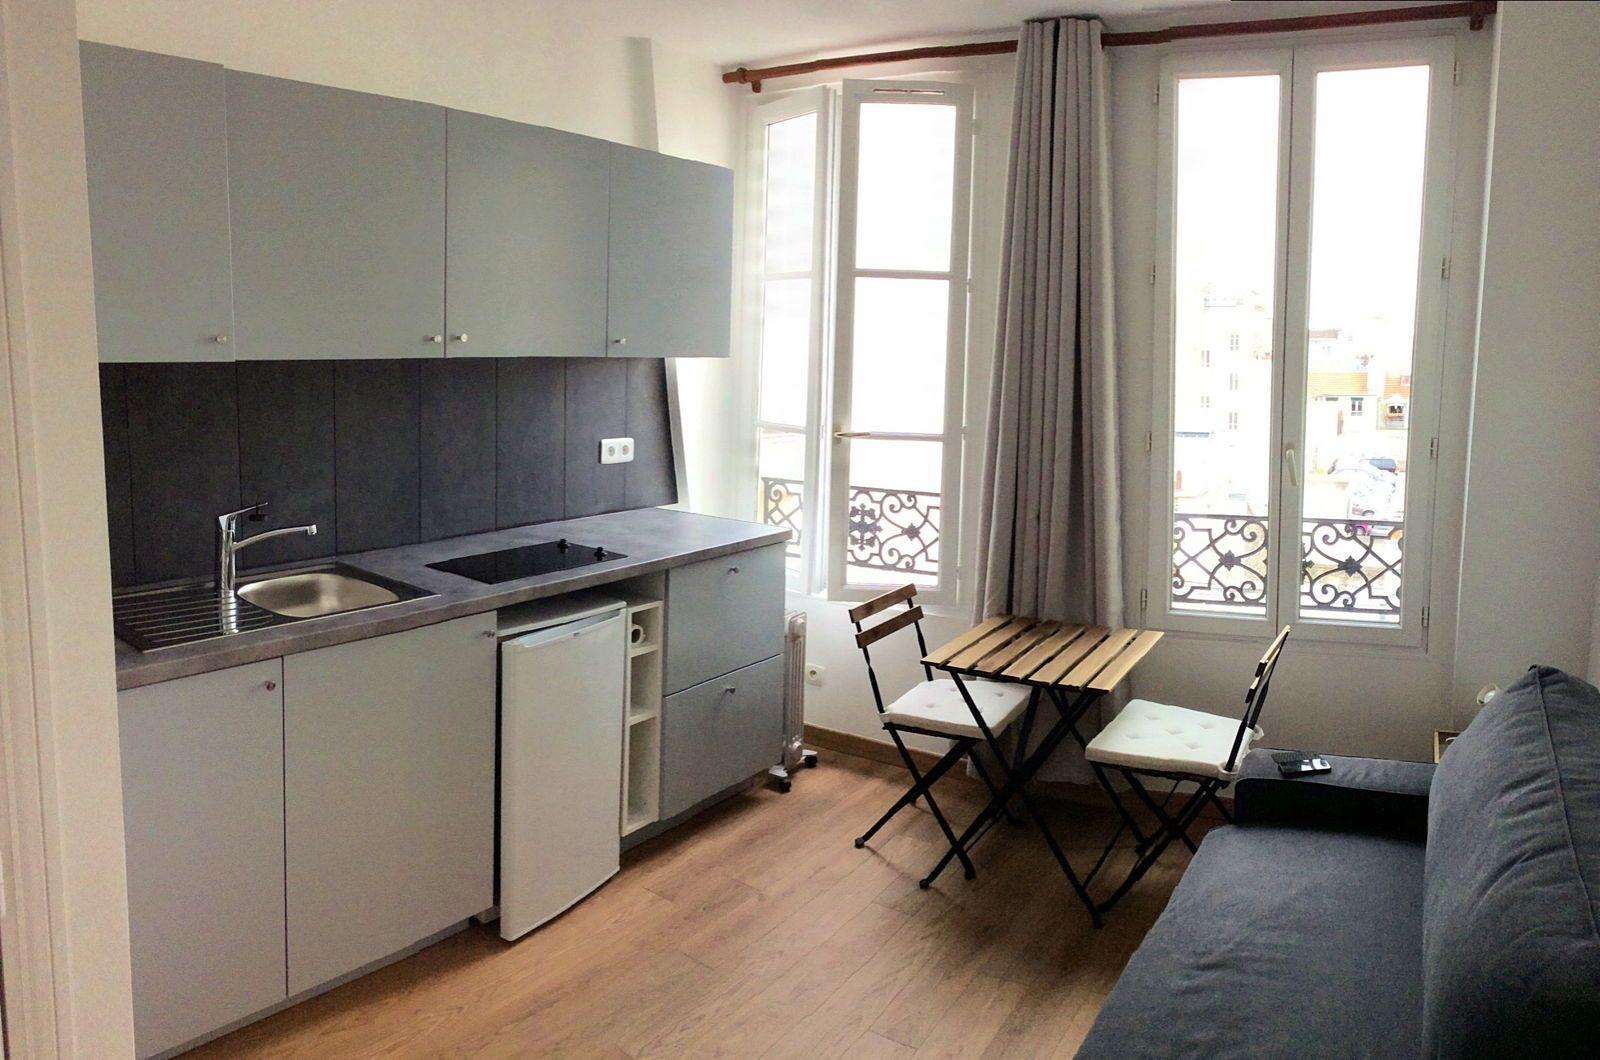 Loue charmant studio 14m² près du centre Pompidou - Paris 2ème